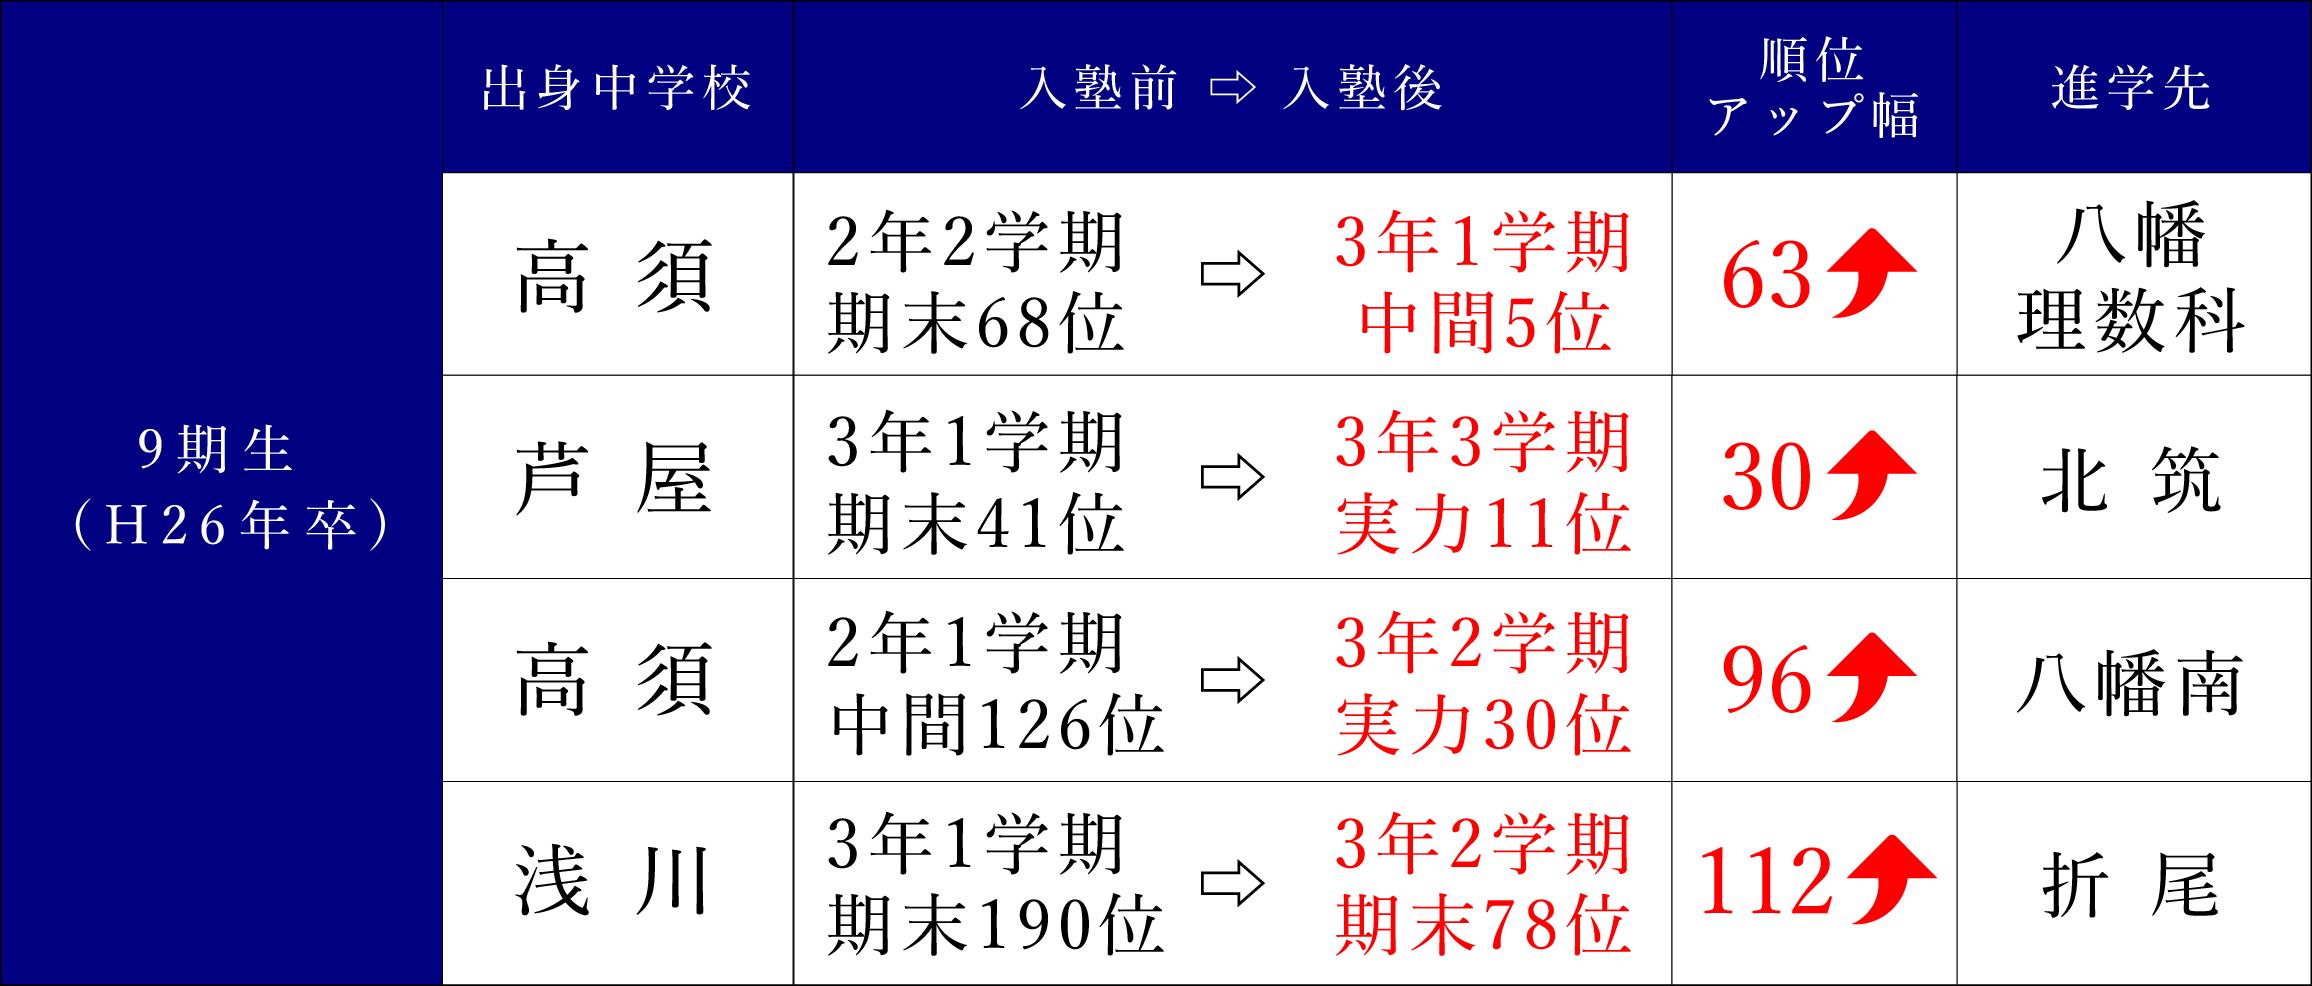 9期生(H26年卒)